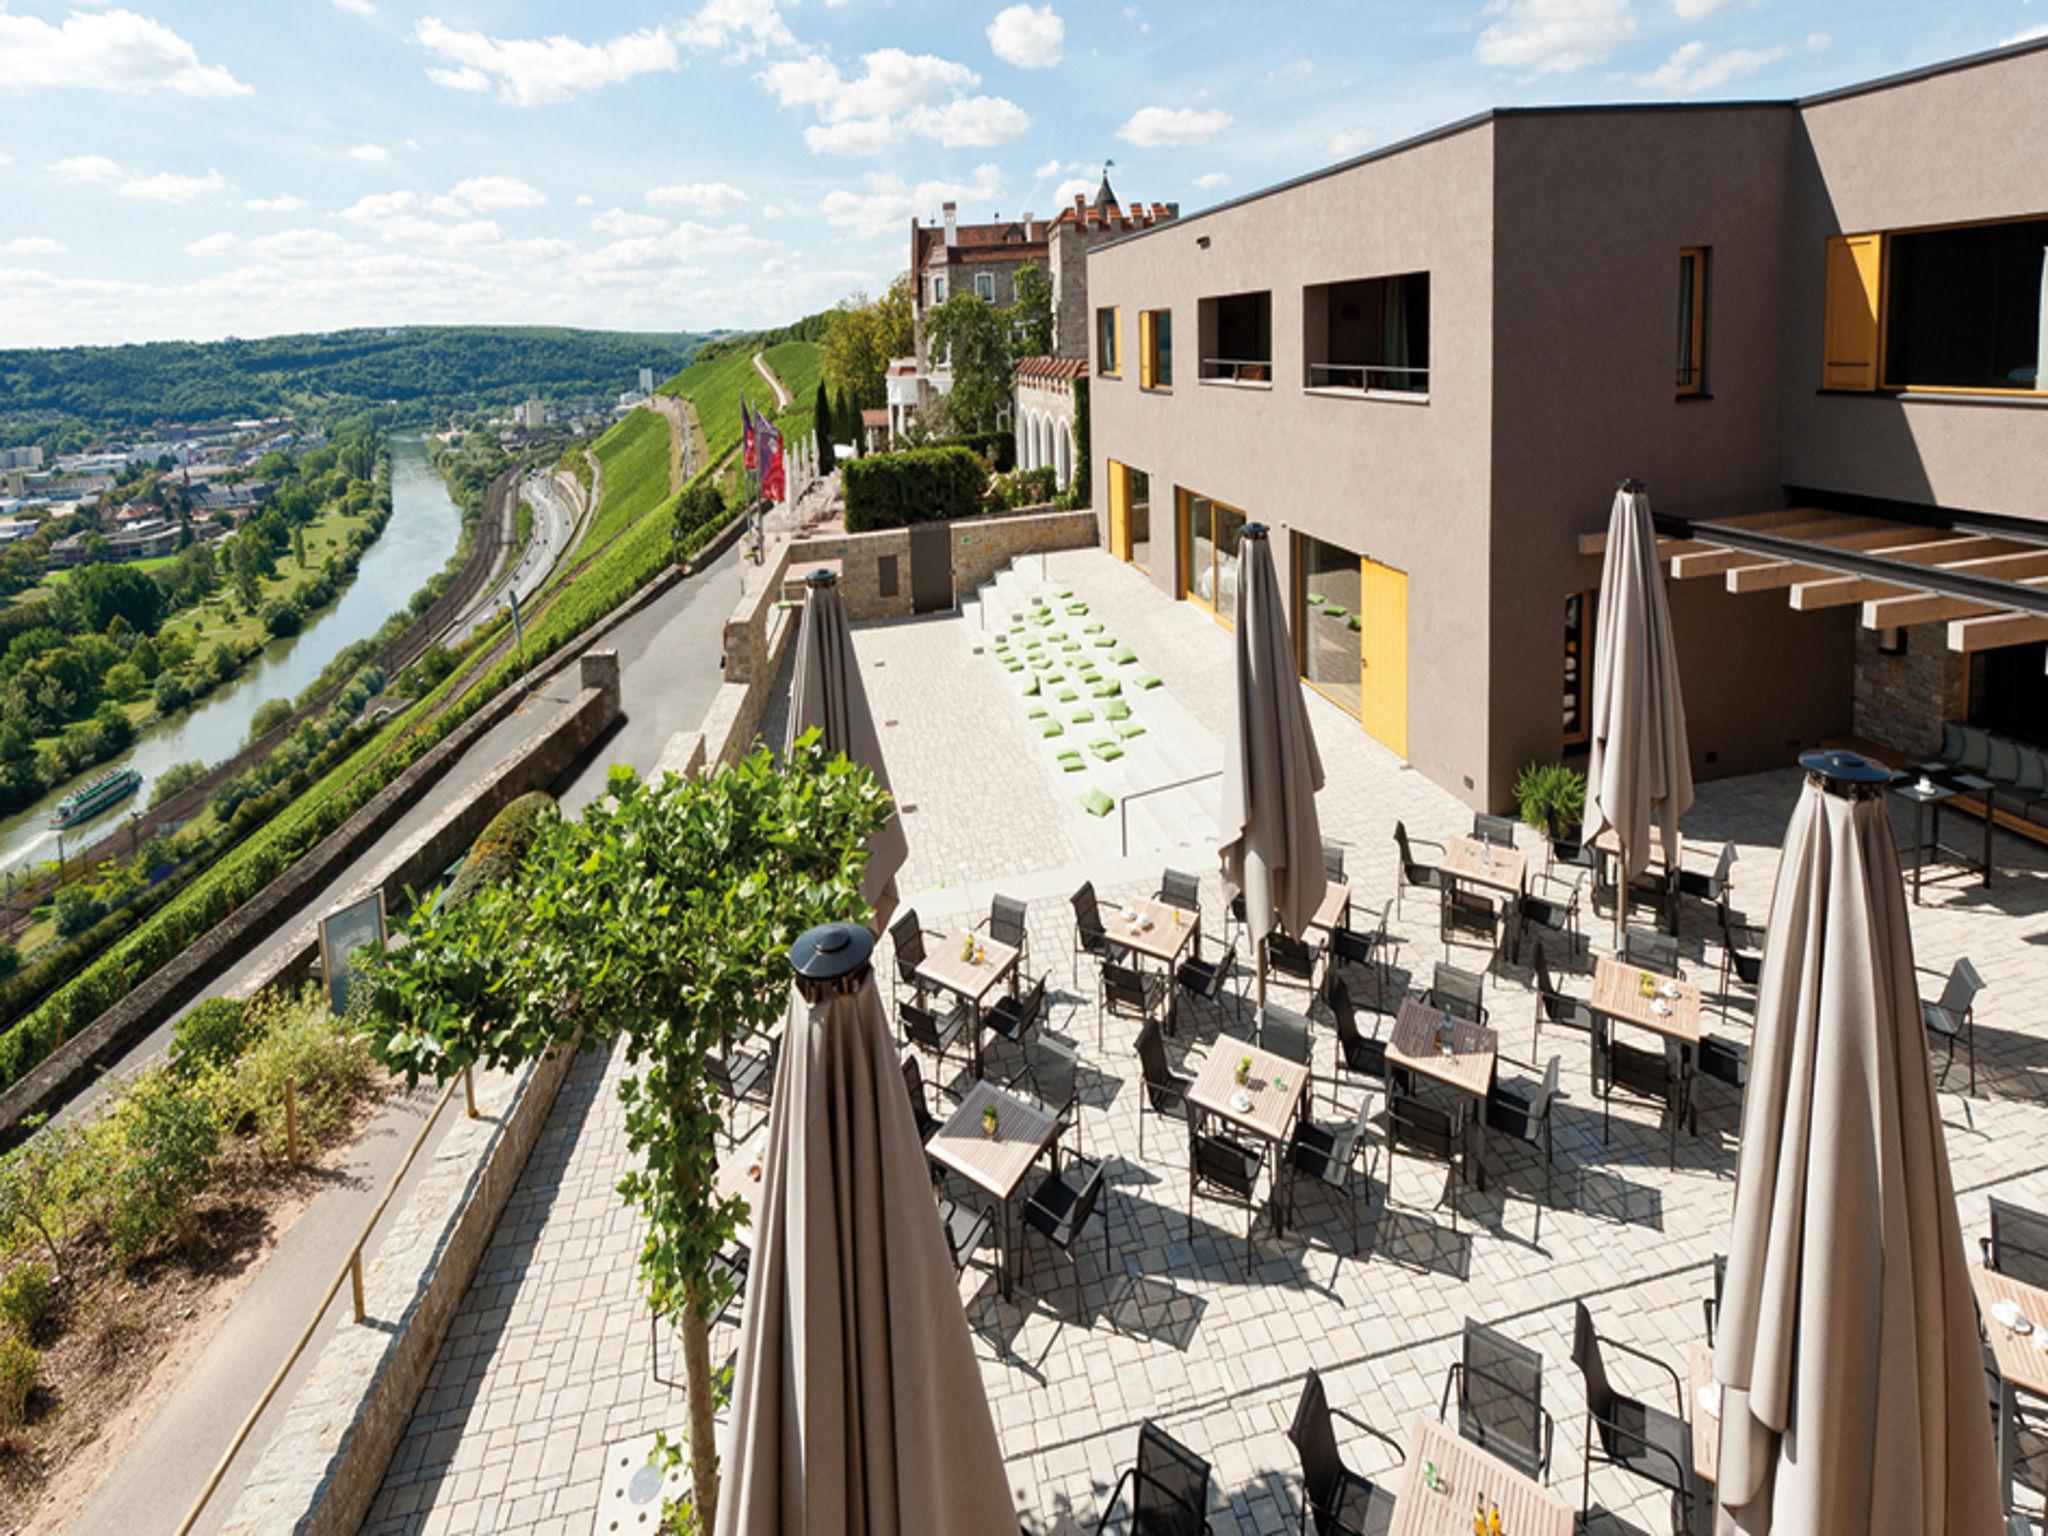 Mit dem Refugium ist die Steinburg eines der besten Tagungshotels Deutschlands. Foto: Schloss Steinburg